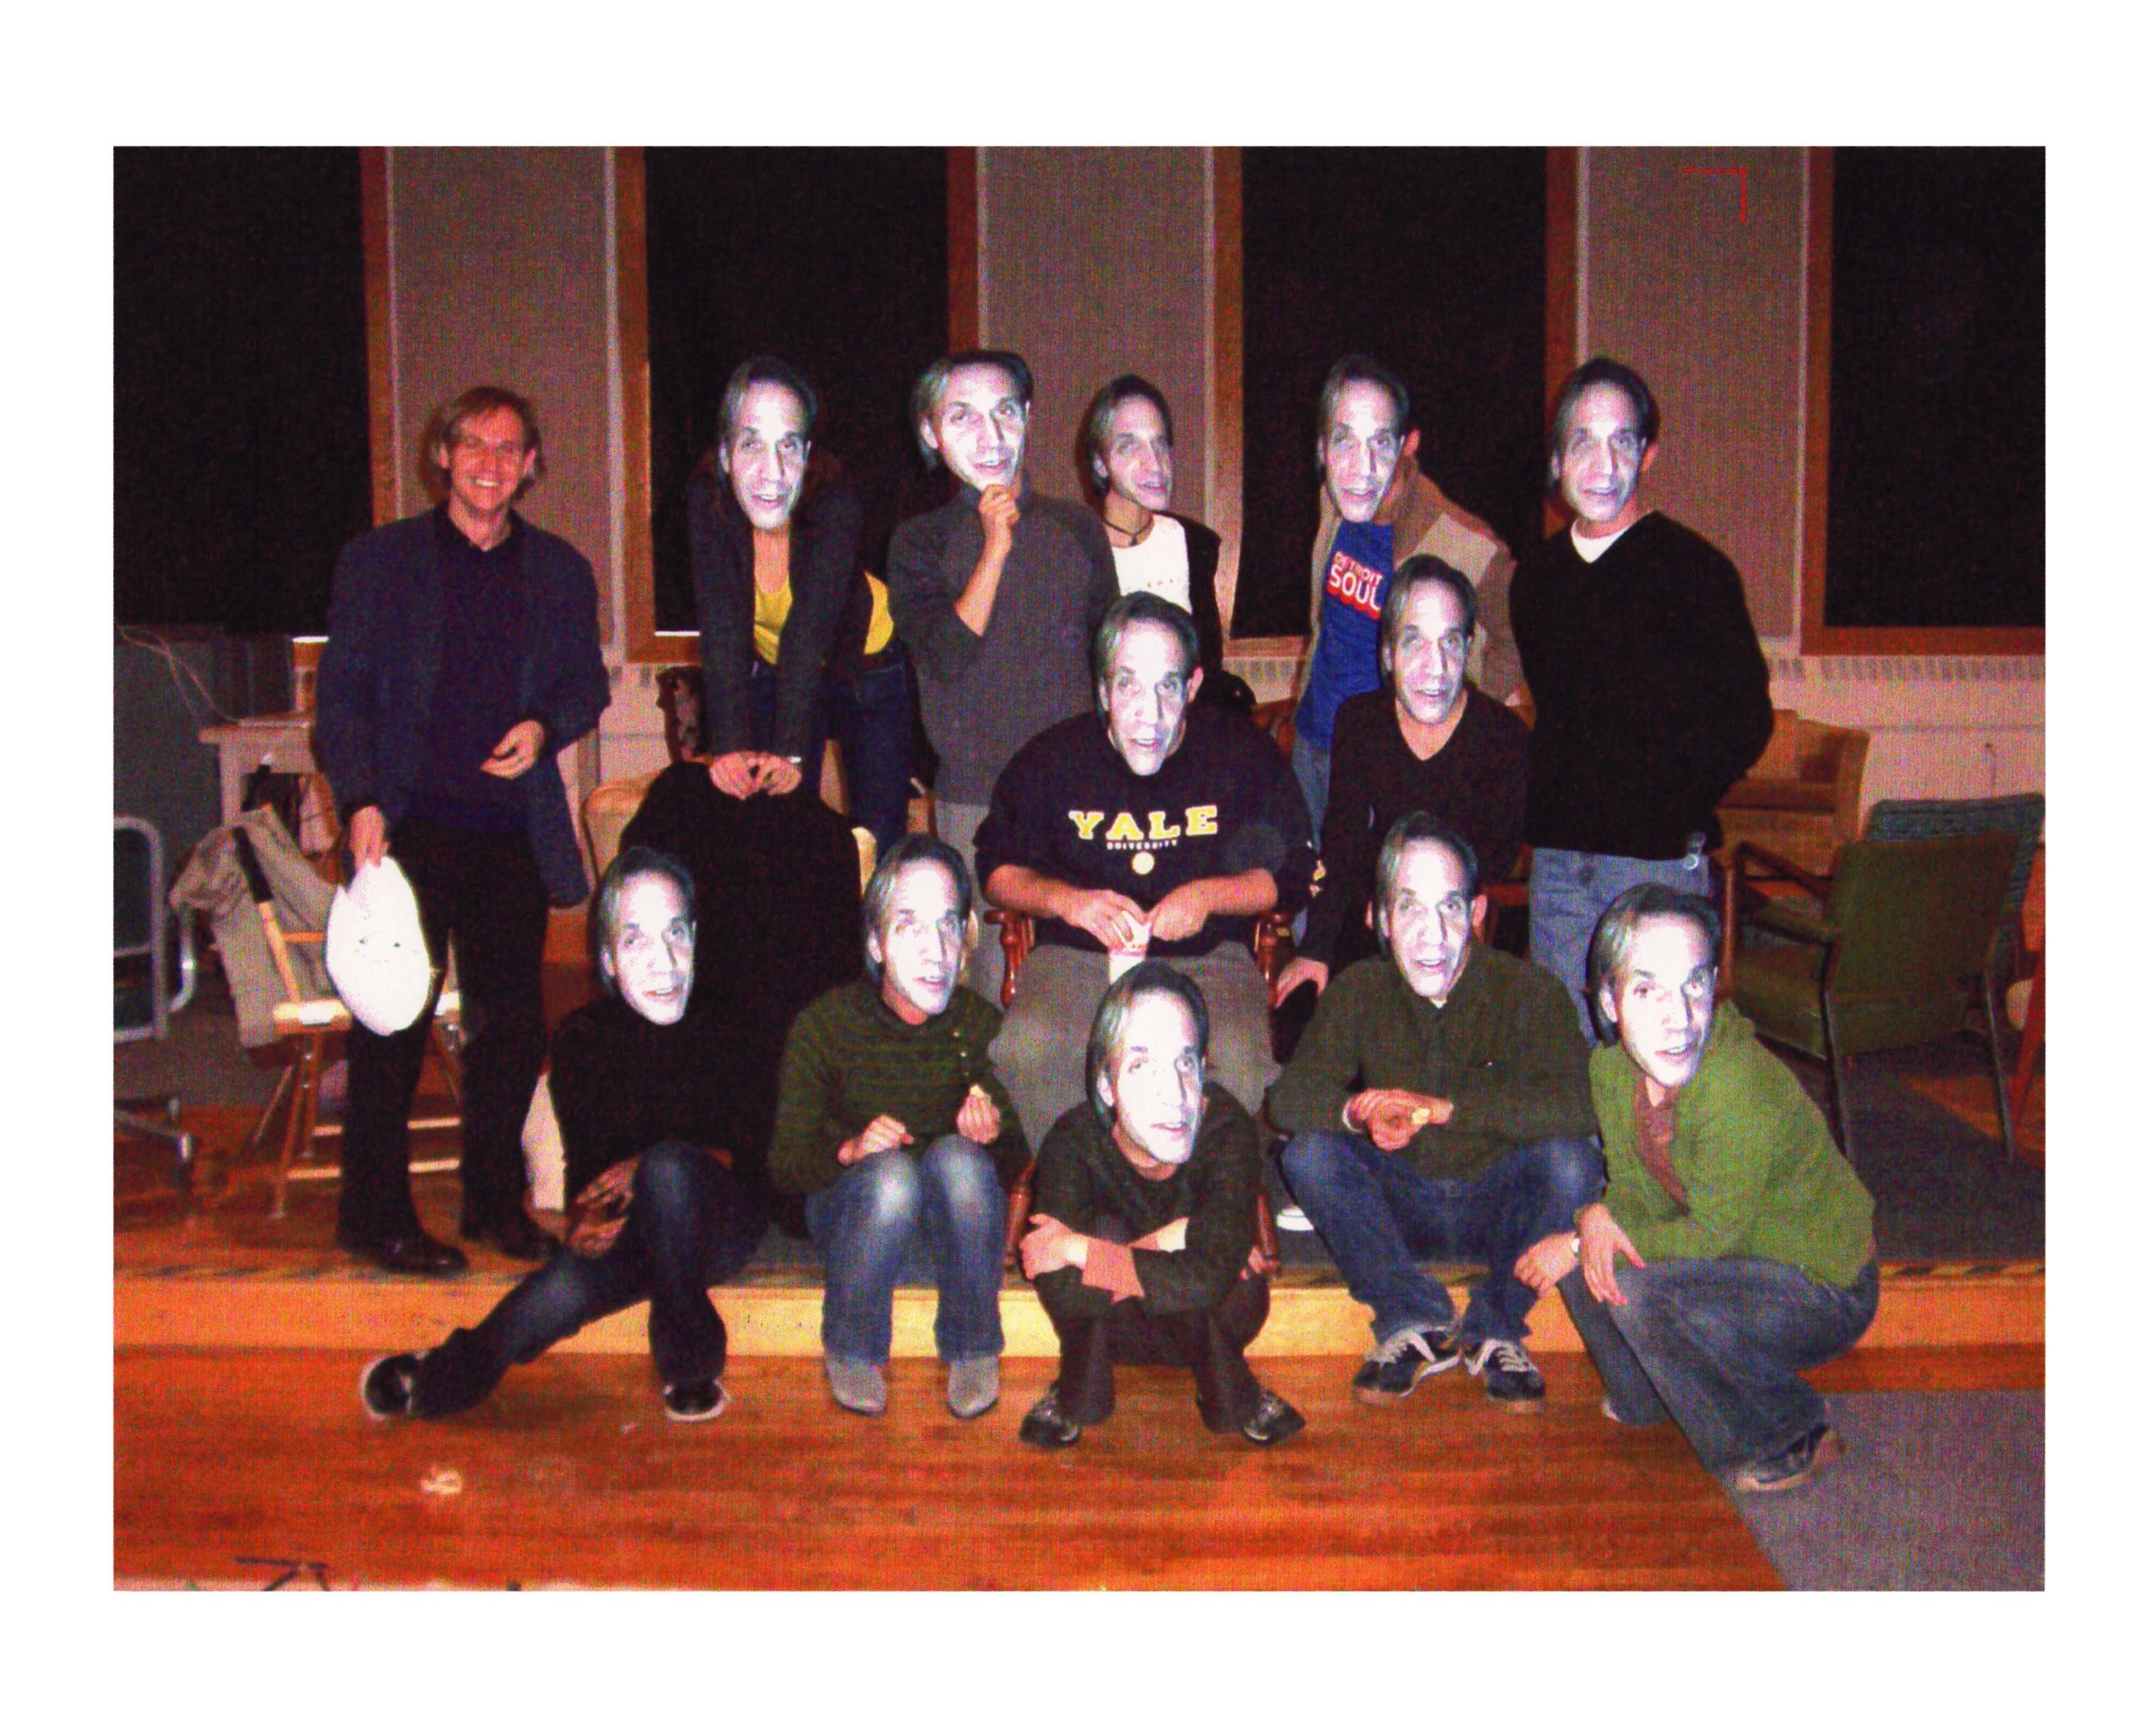 Yale class--fall 2003